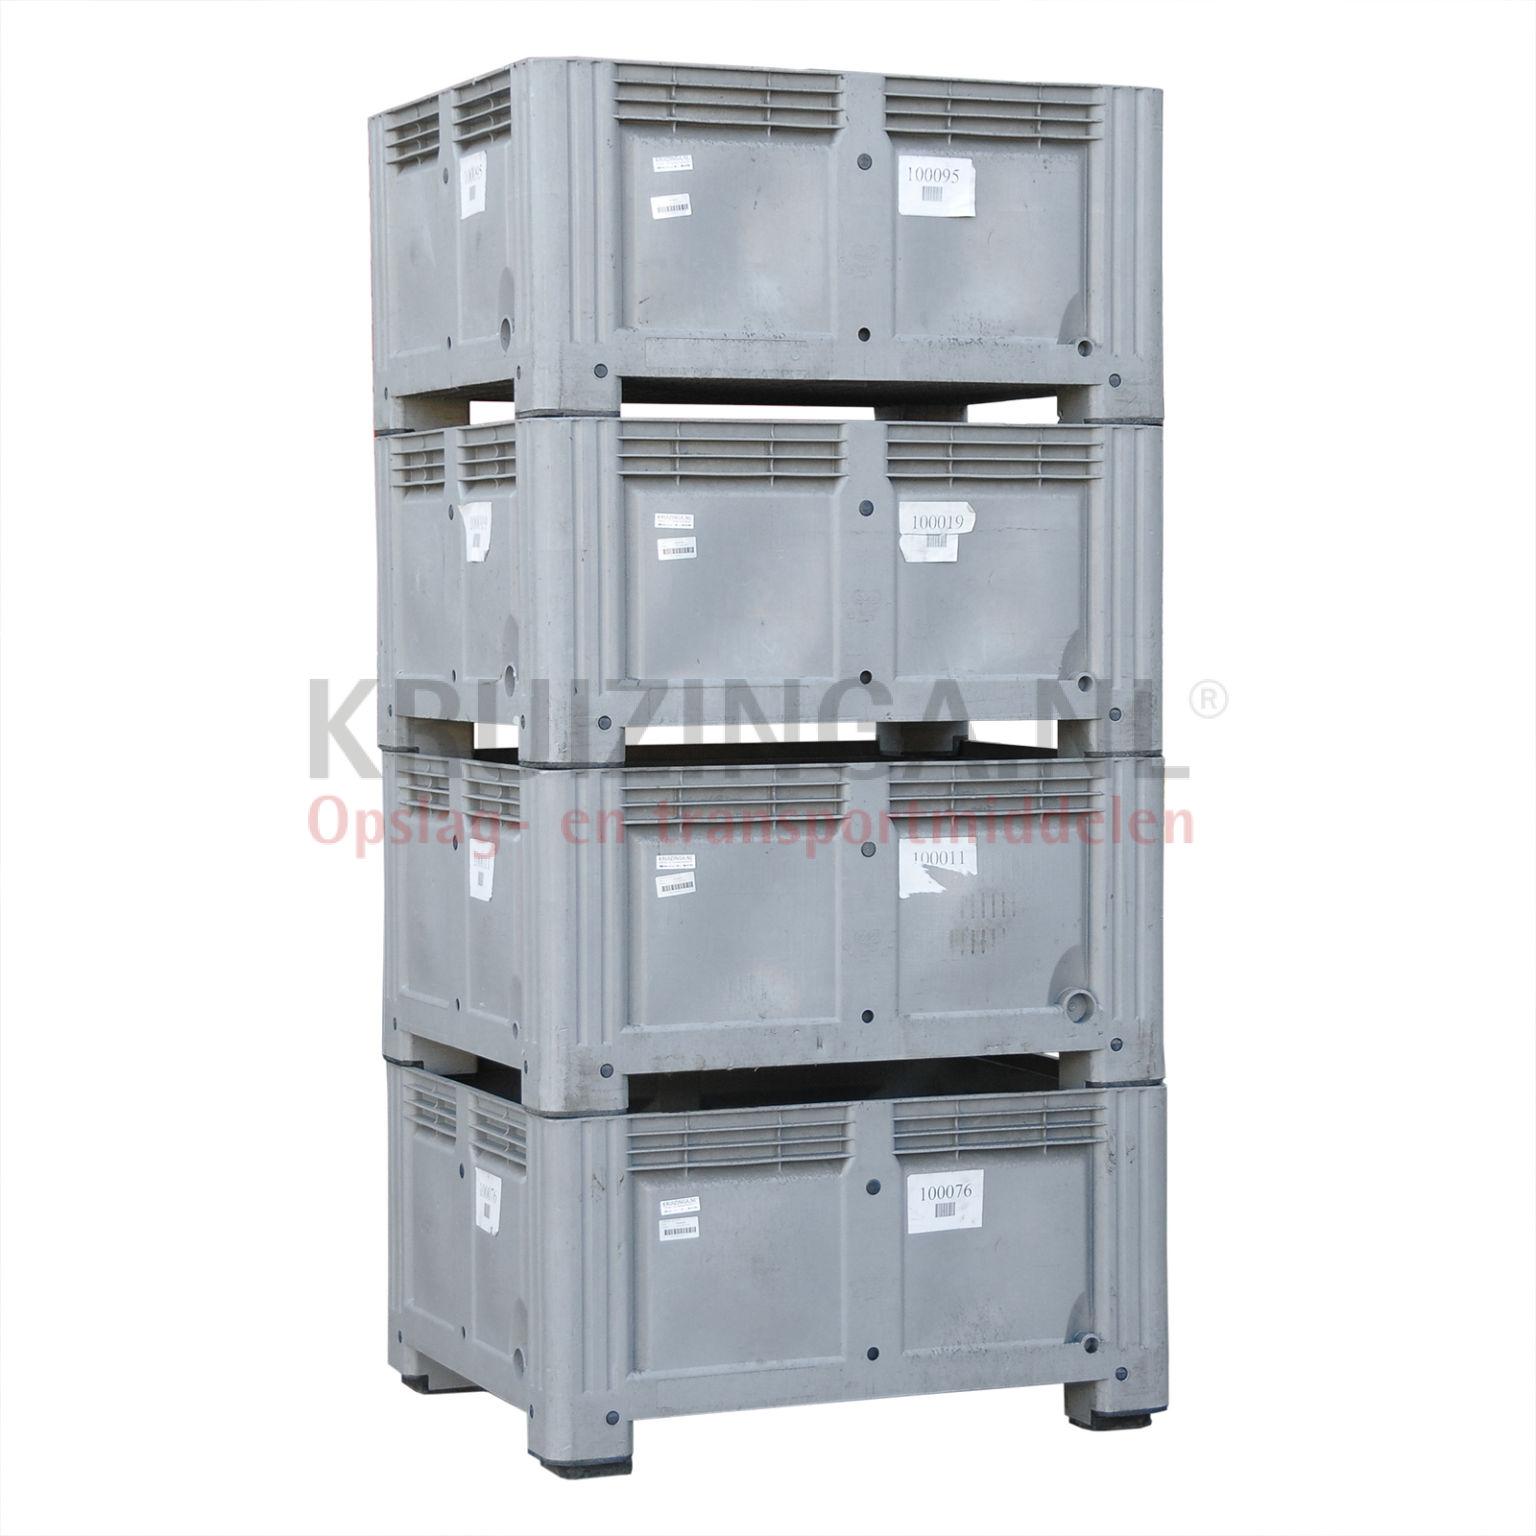 stapelboxen kunststoff gro volumenbeh lter b qualit t mit sch den gebraucht. Black Bedroom Furniture Sets. Home Design Ideas